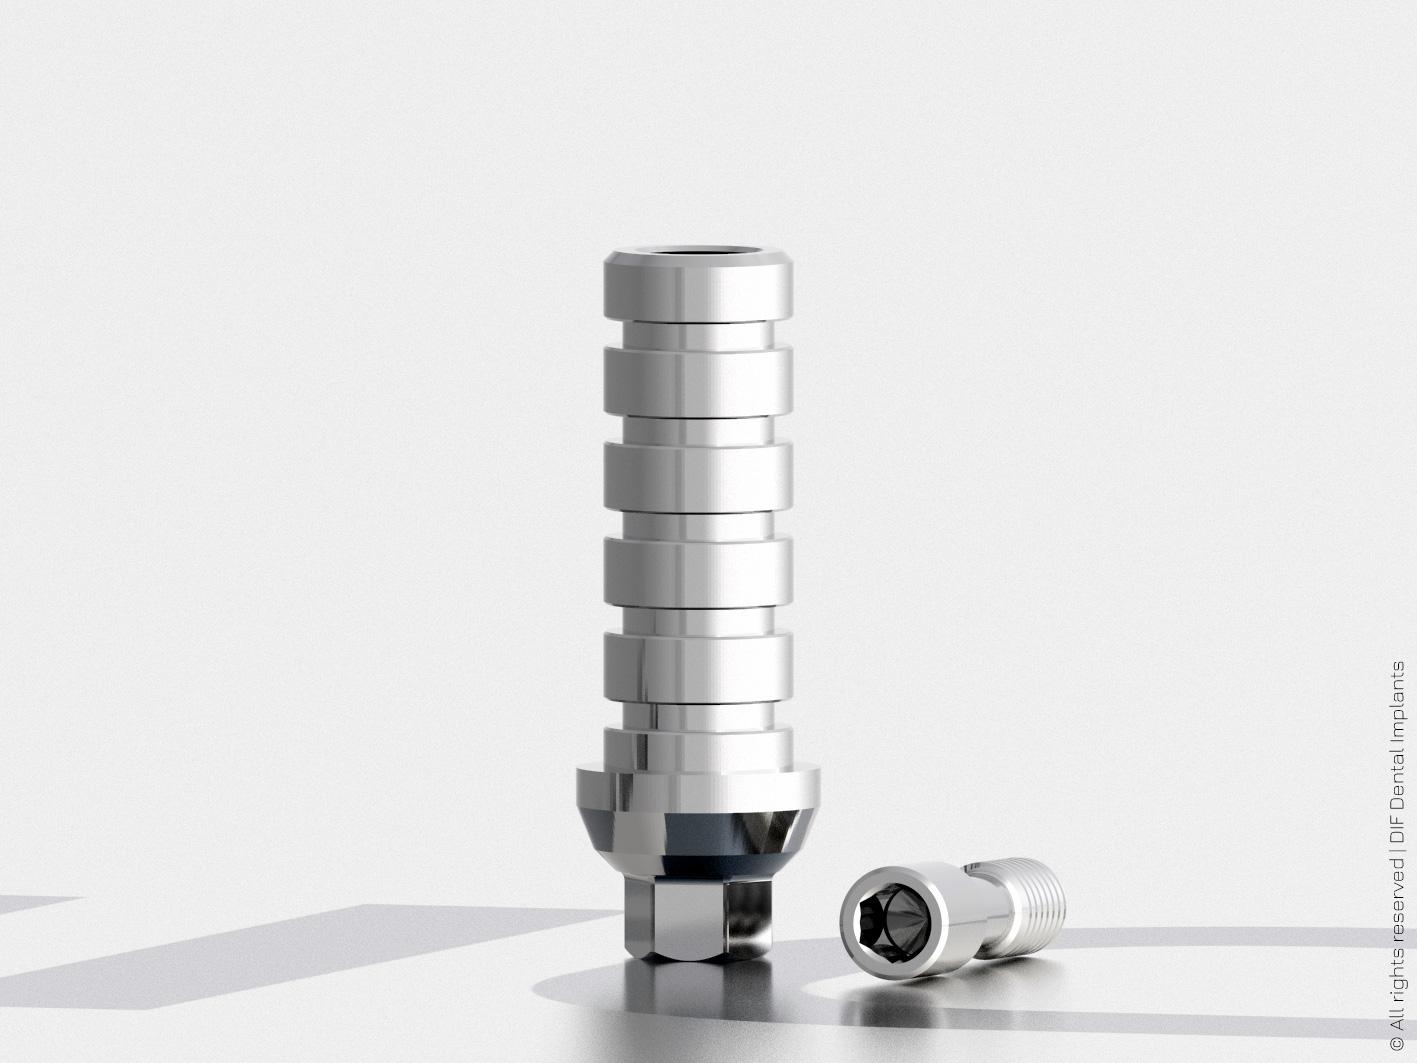 Абатмент временный титановый D4.5 мм – H11.0 мм HEX серии Classic с внутренним шестигранником 2.4 мм производства DIF